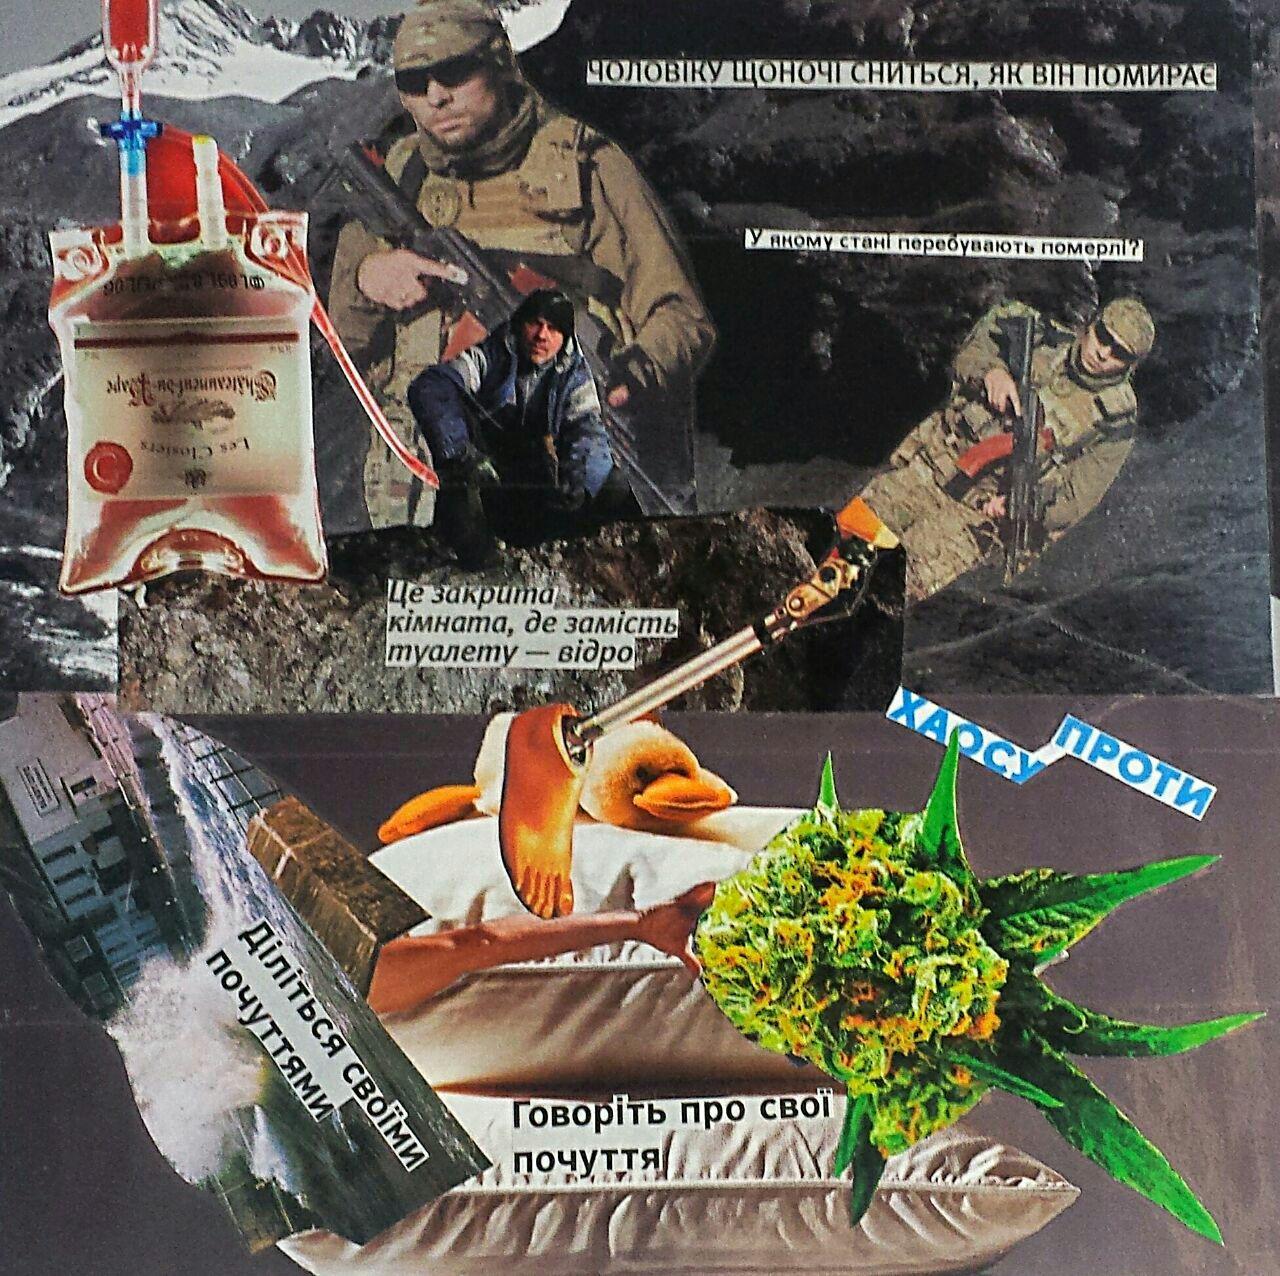 02 against chaos - <b>Скотчмакулатура.</b> Проєкт Марії Проніної - у «Рівні цензури» - Заборона